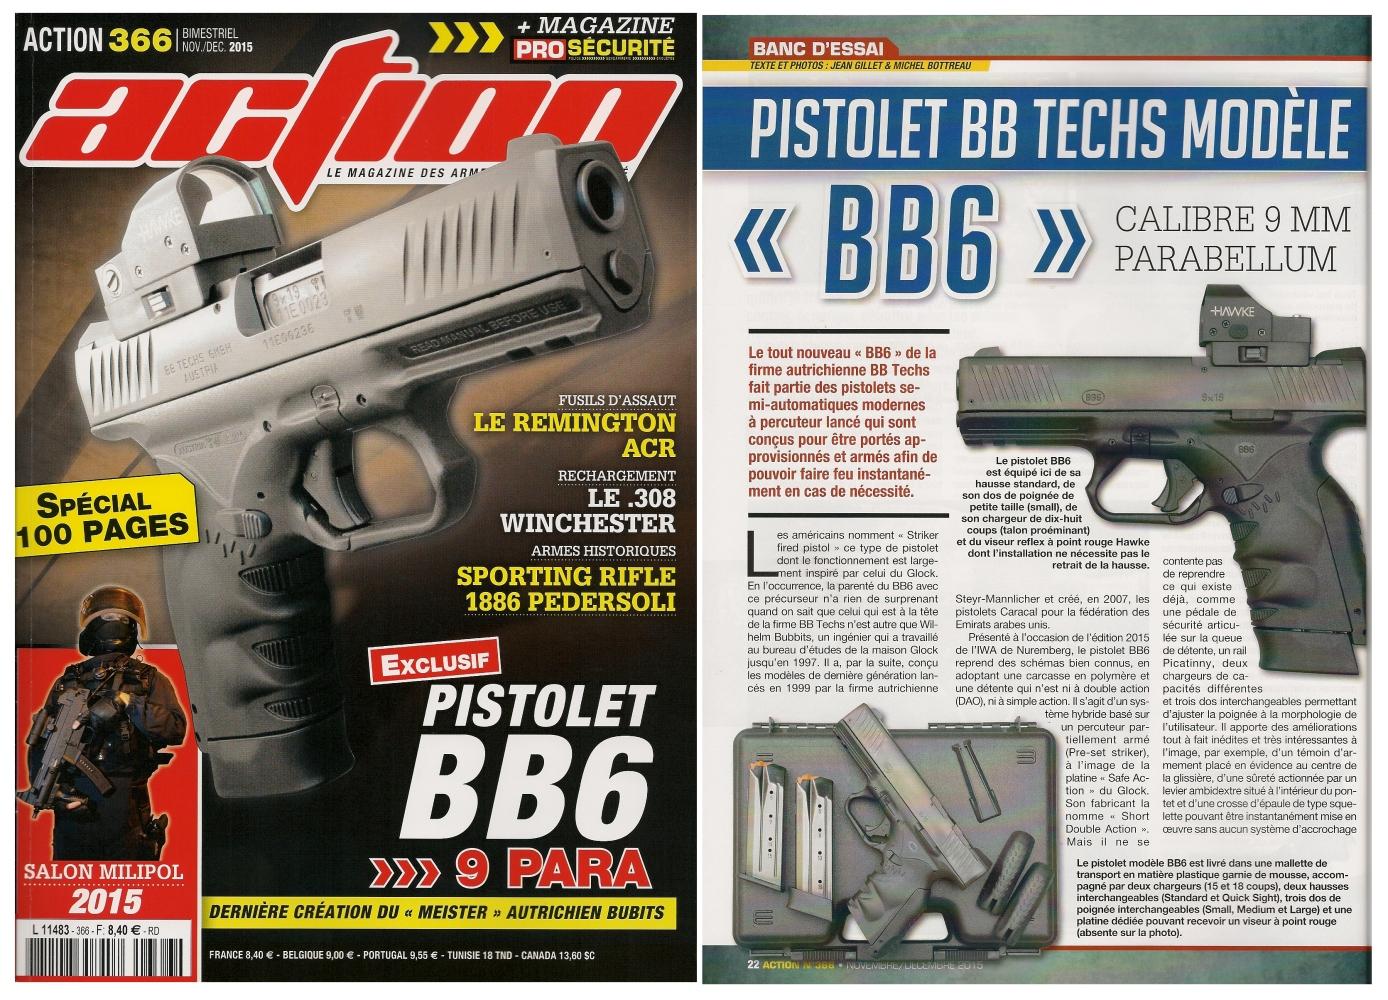 Le banc d'essai du pistolet BB Techs modèle BB6 a été publié sur 6 pages dans le magazine Action n°366 (novembre-décembre 2015).